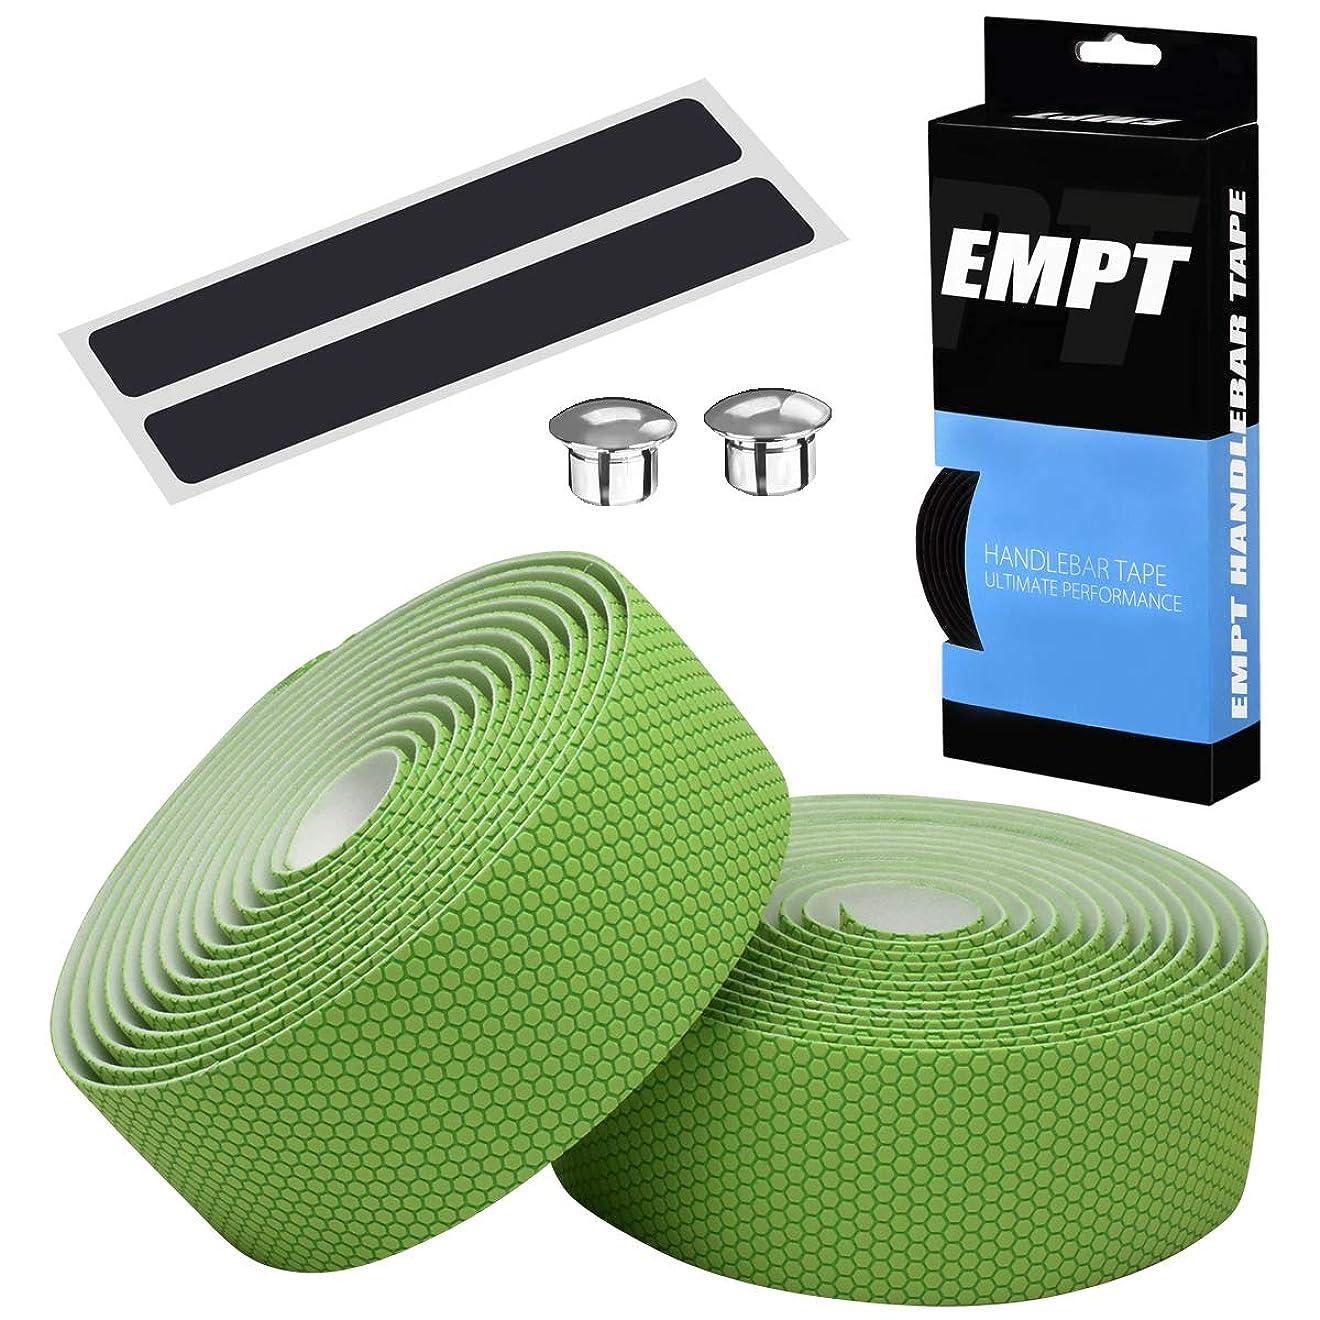 信号弱い博物館EMPT(イーエムピーティー) EVA ロード用 バーテープ ES-JHT020 クッション製に優れたEVA製バーテープ ロード ピスト ドロップハンドルバーテープ ※エンドキャップ、エンドテープ付属